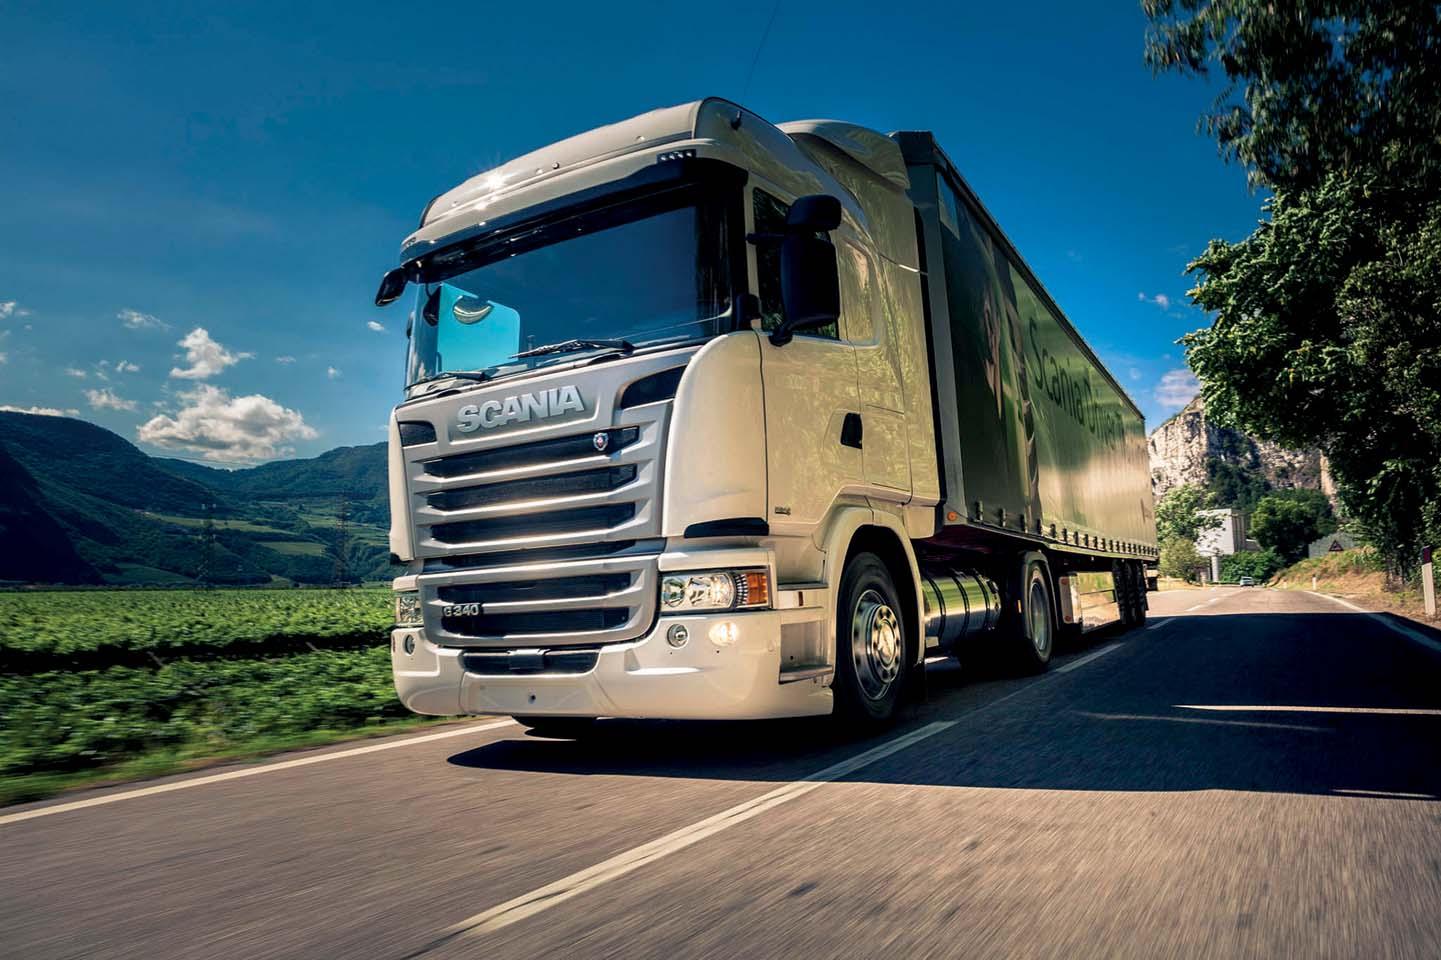 Verso un trasporto sostenibile: Scania a Ecomondo col primo autocarro ibrido Euro 6